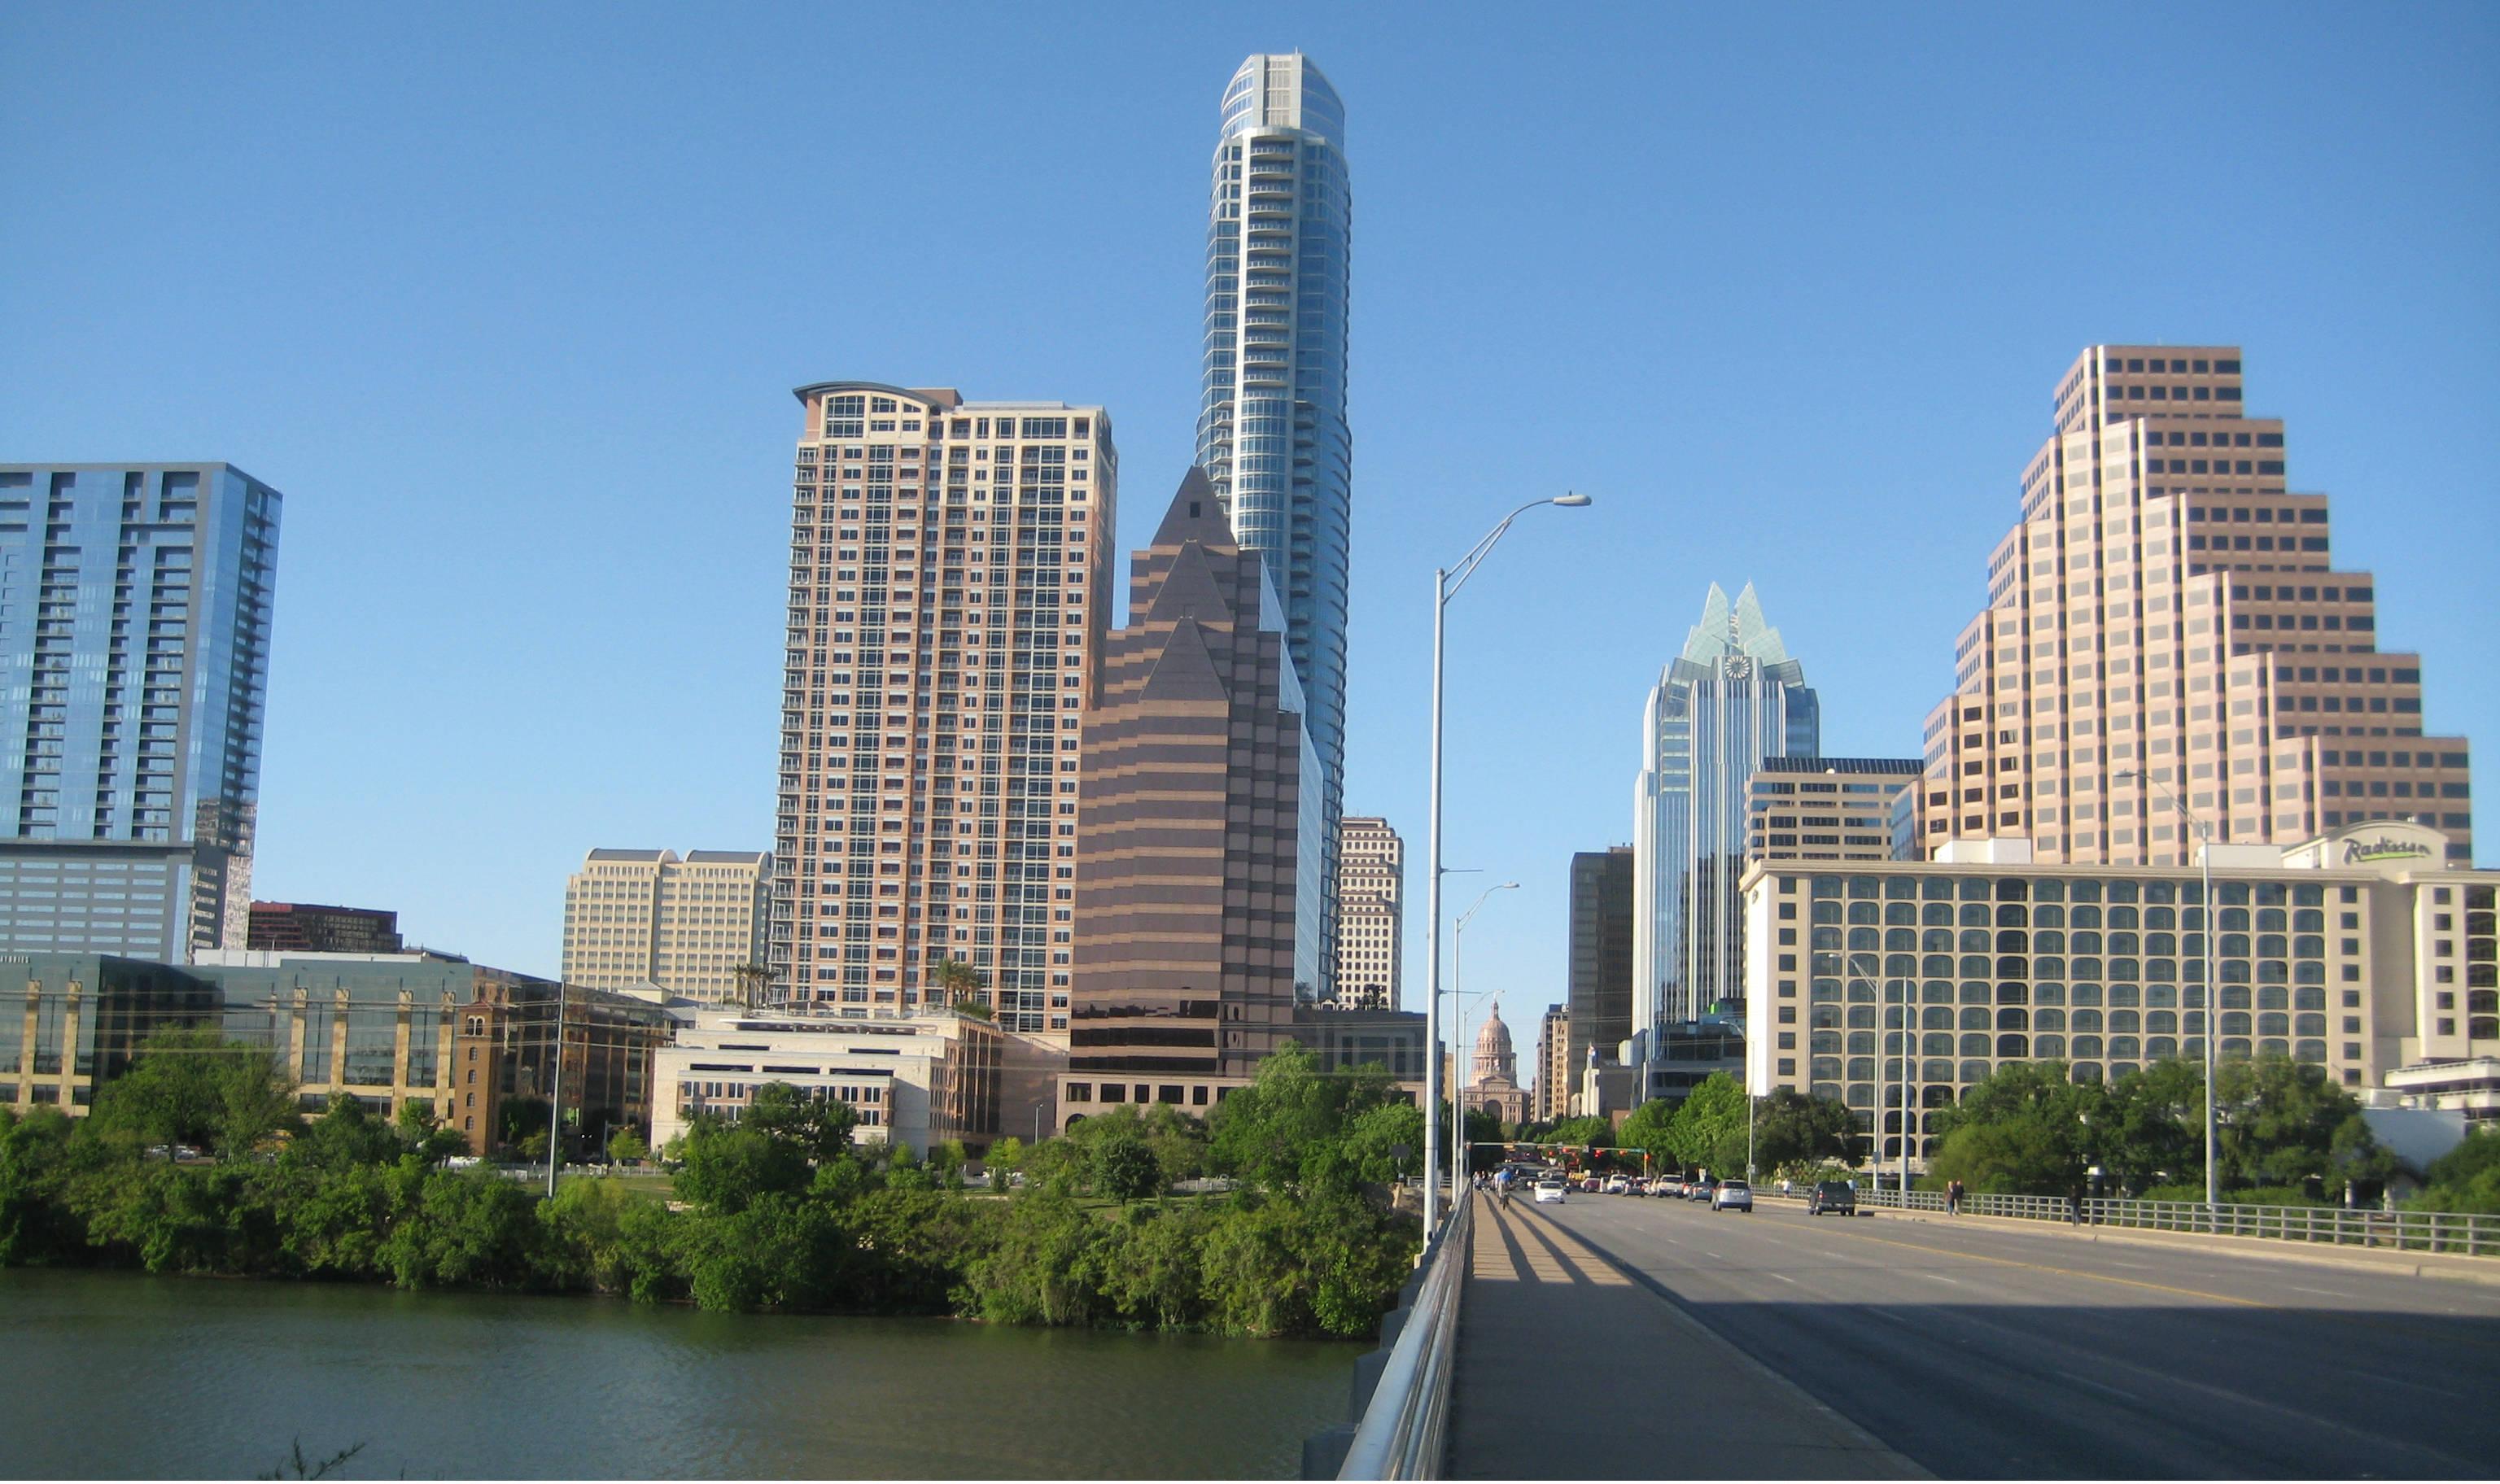 Paleo f(x) Austin 2014